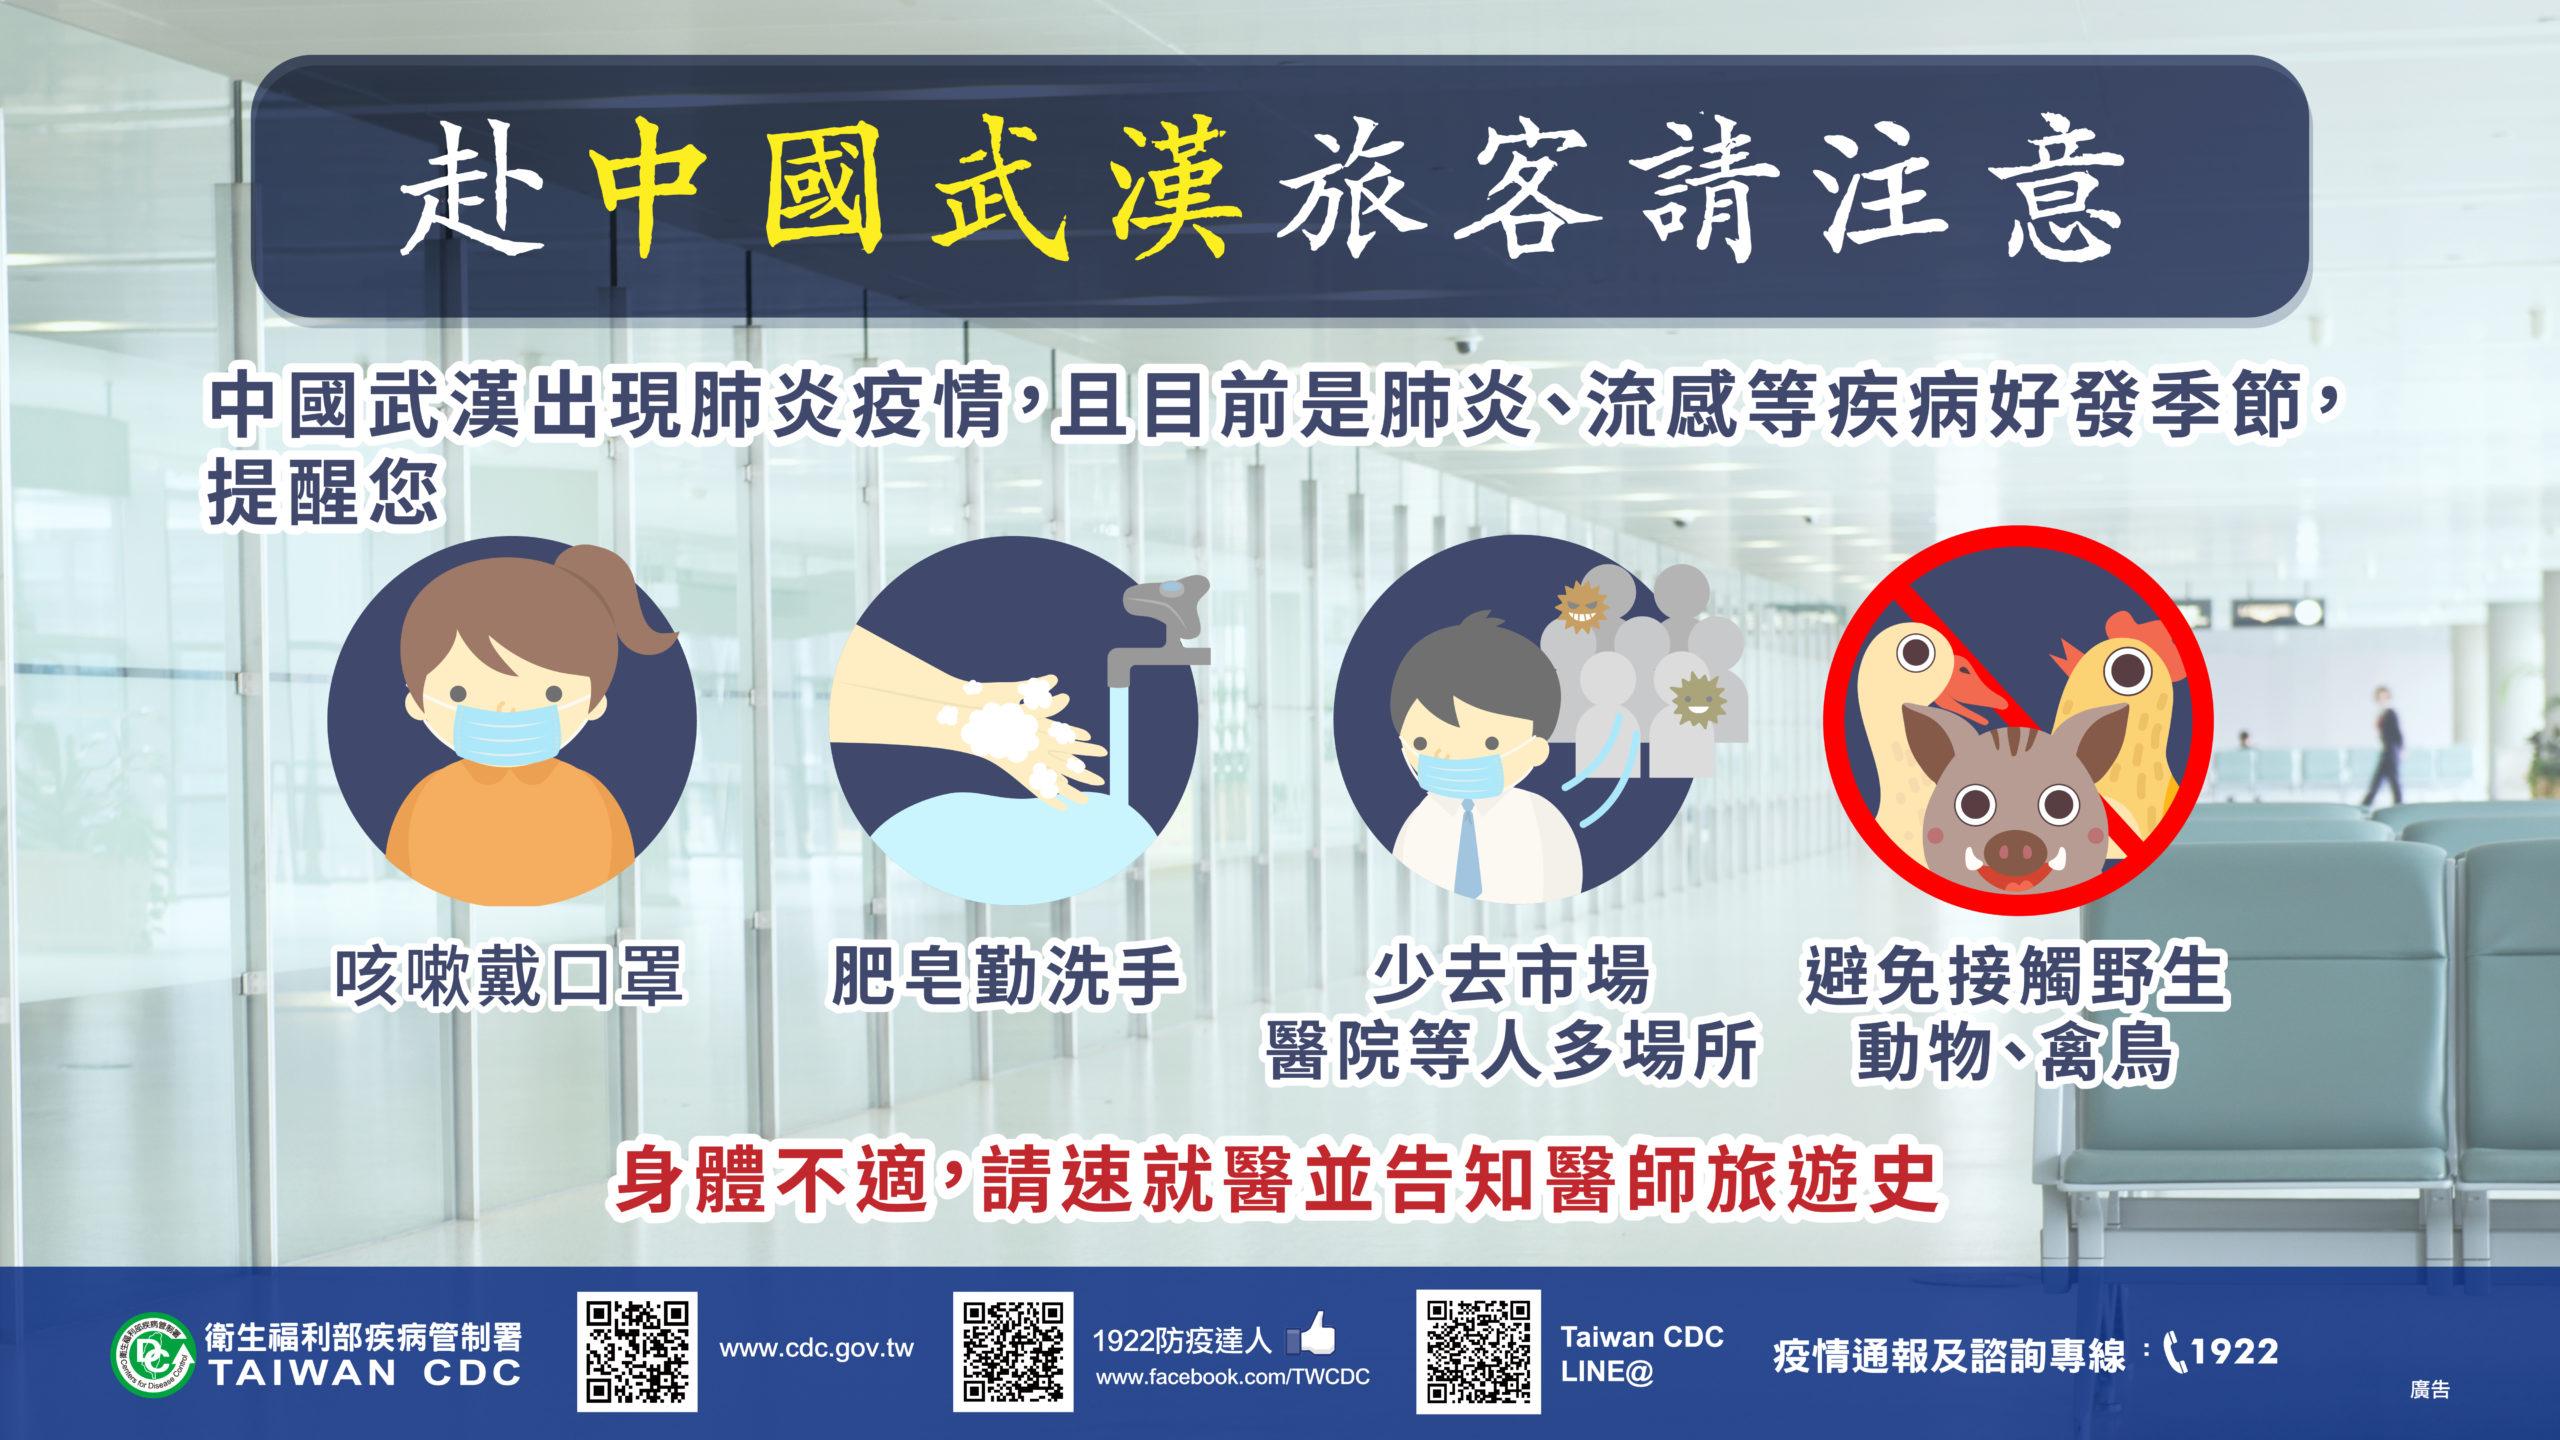 武漢肺炎有限人傳人之後  台灣即刻起列法定傳染病「24小時通報」